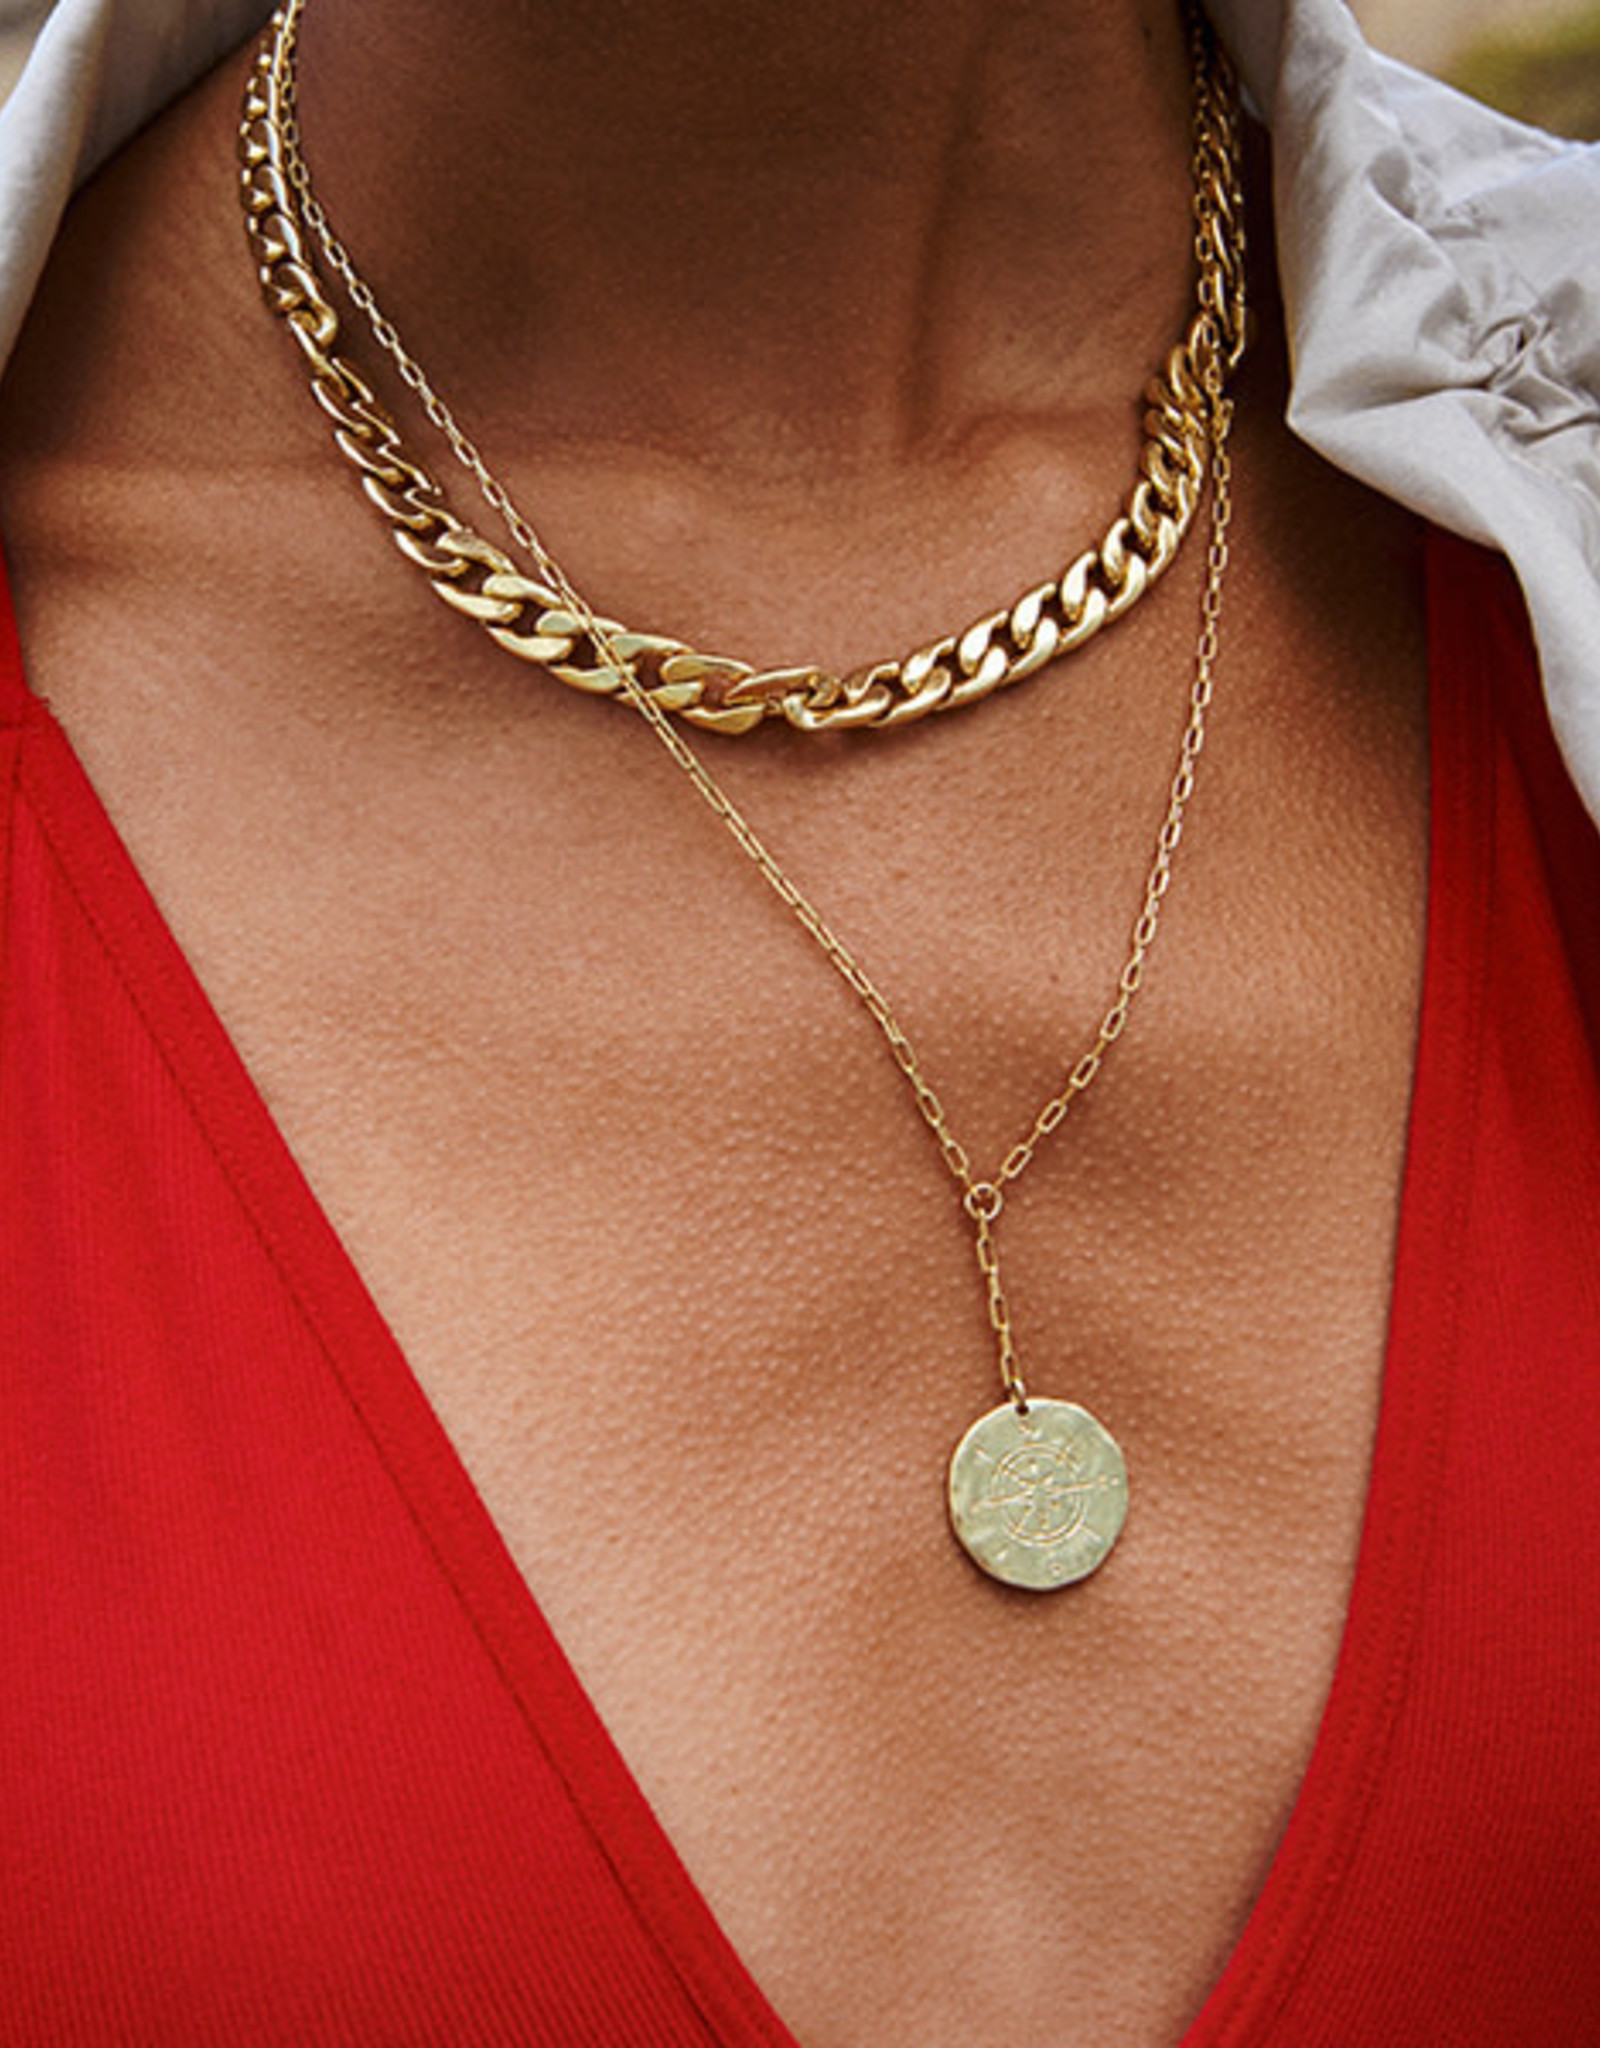 Pilgrim Compass 2-in-1 necklace